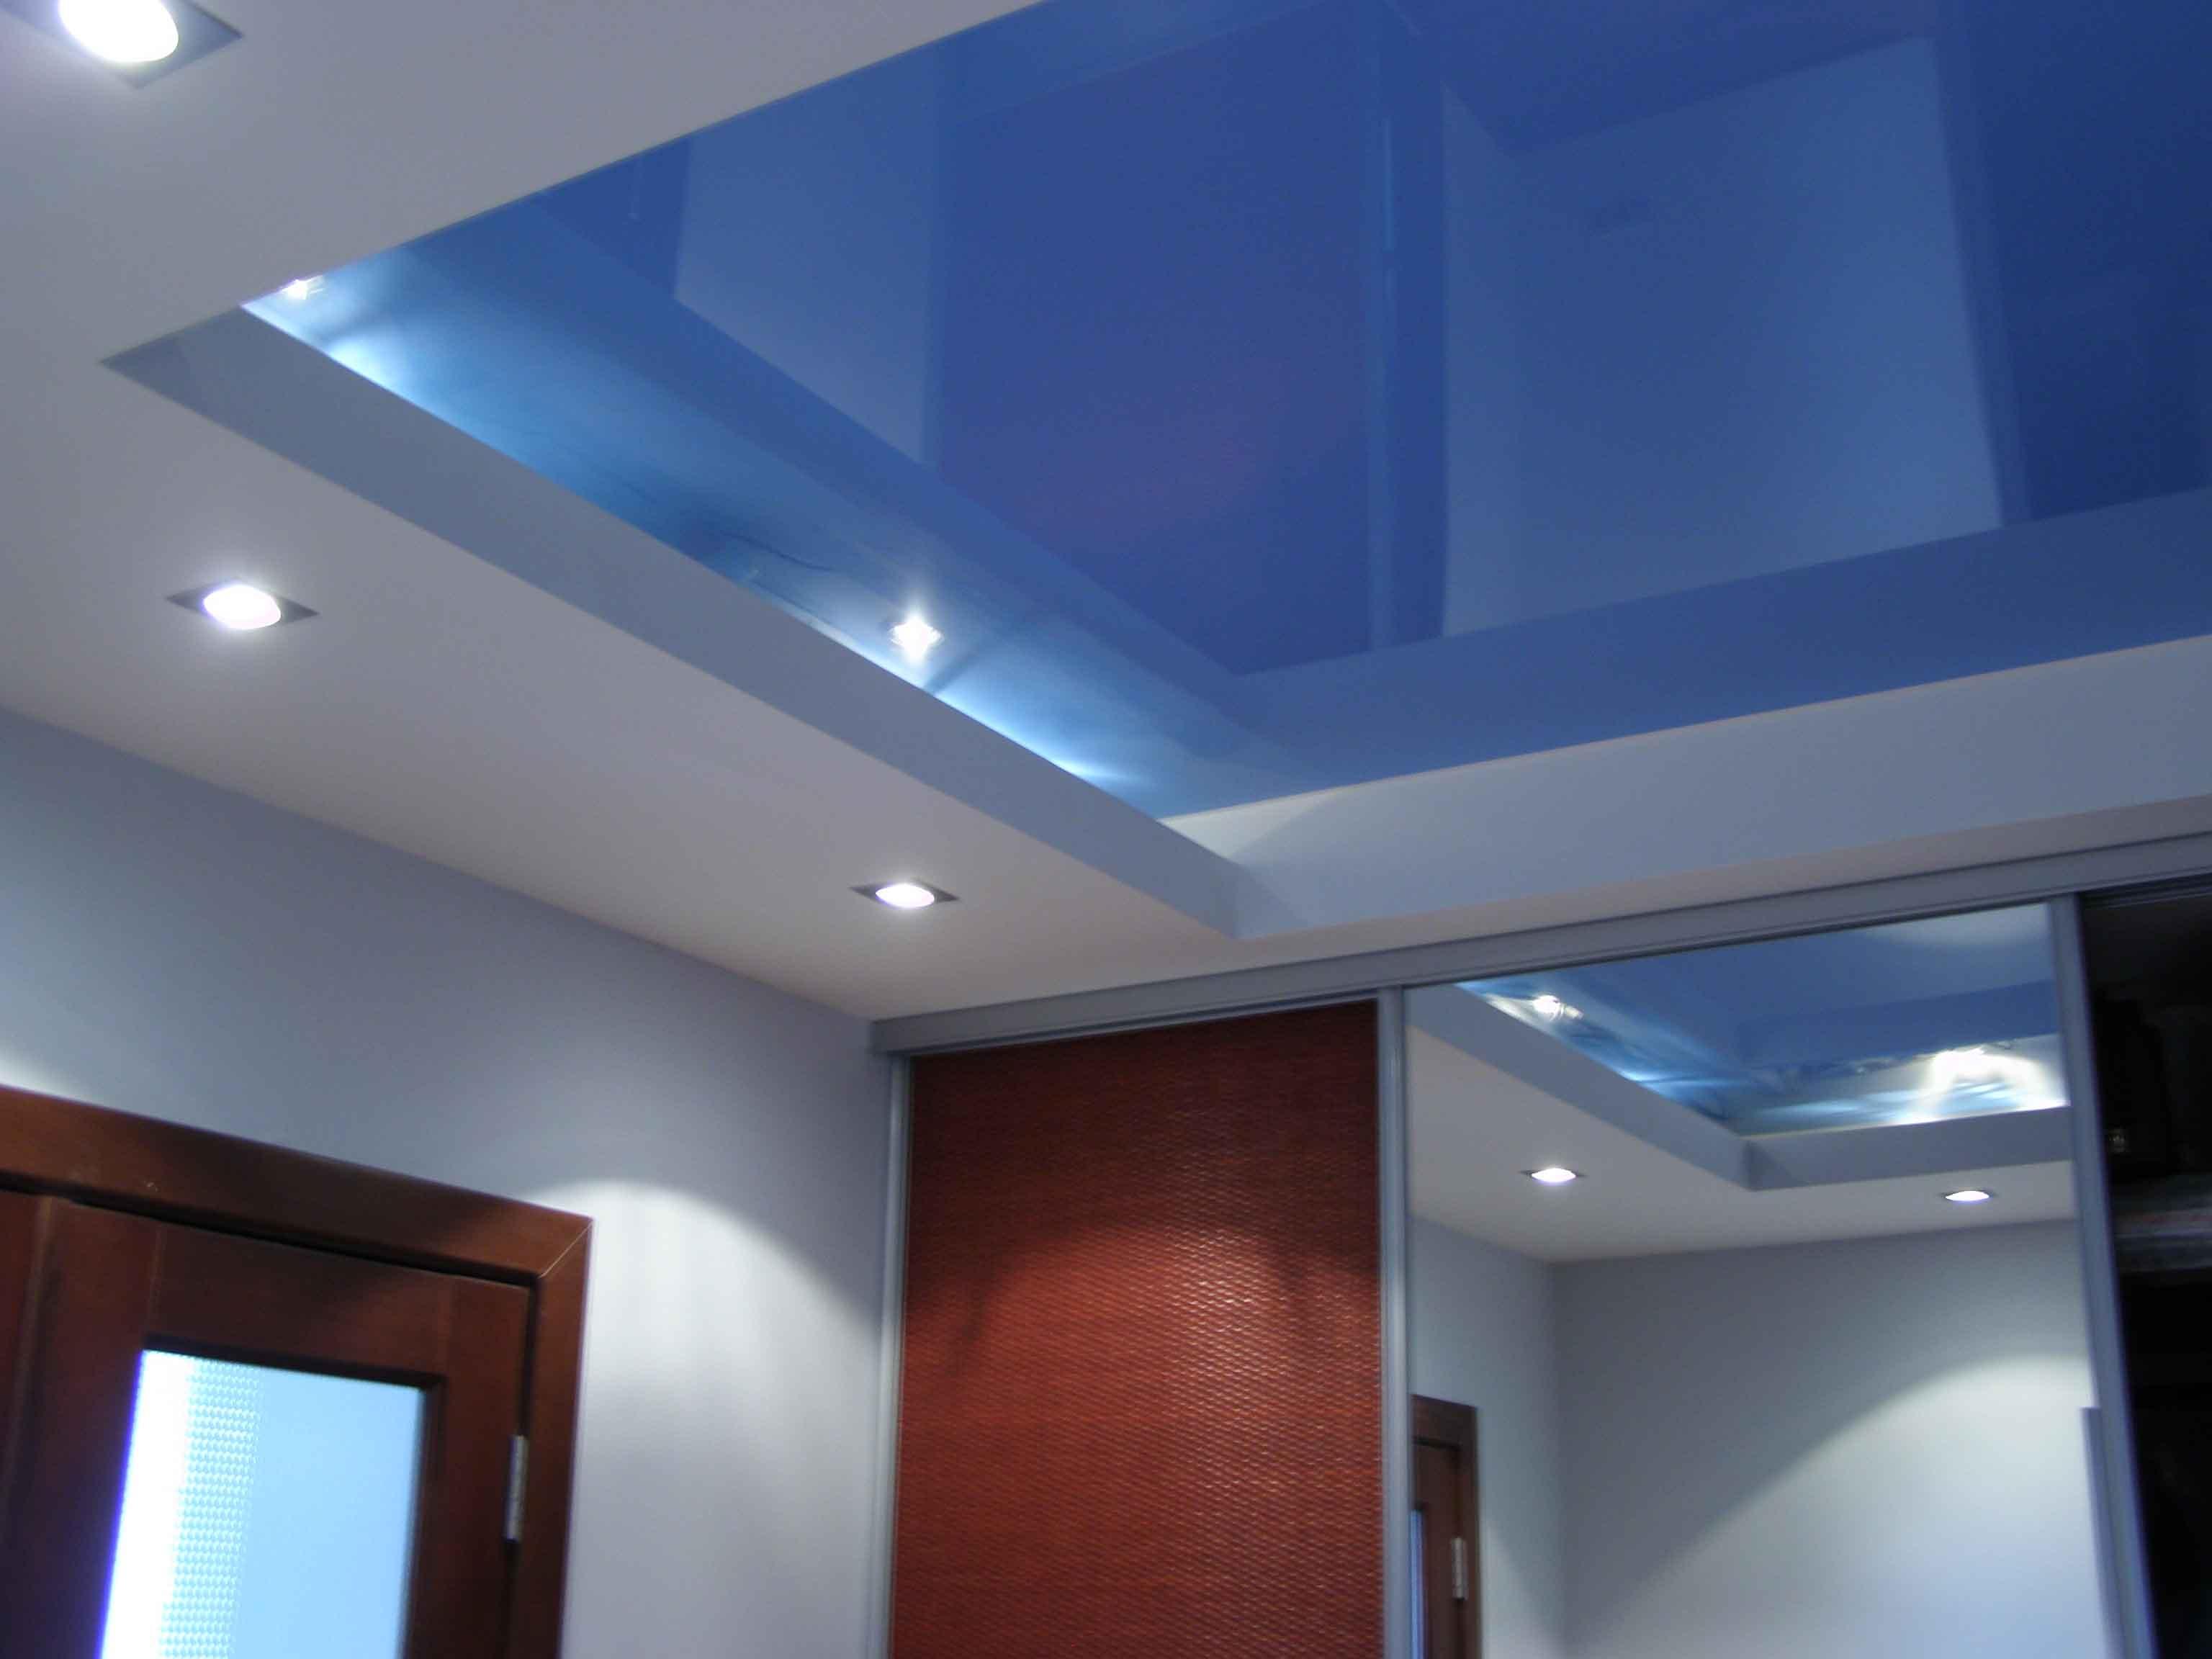 Подвесные двухуровневые потолки фото